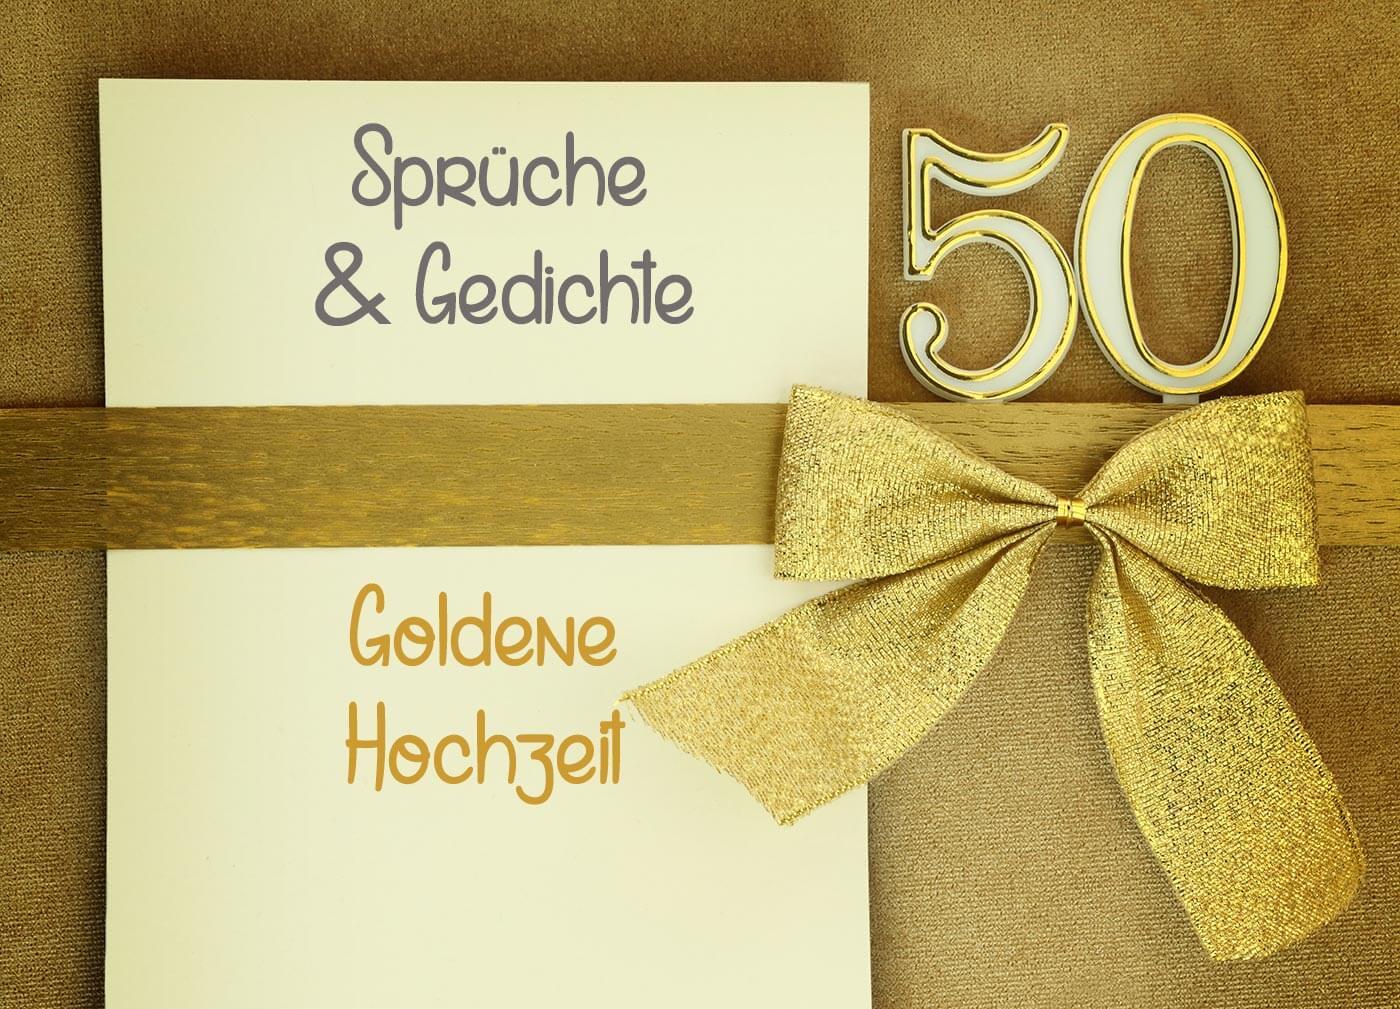 Sprüche Zur Goldenen Hochzeit   Zitate   Gedichte   Bibelverse verwandt mit Kindergedichte Zur Goldenen Hochzeit